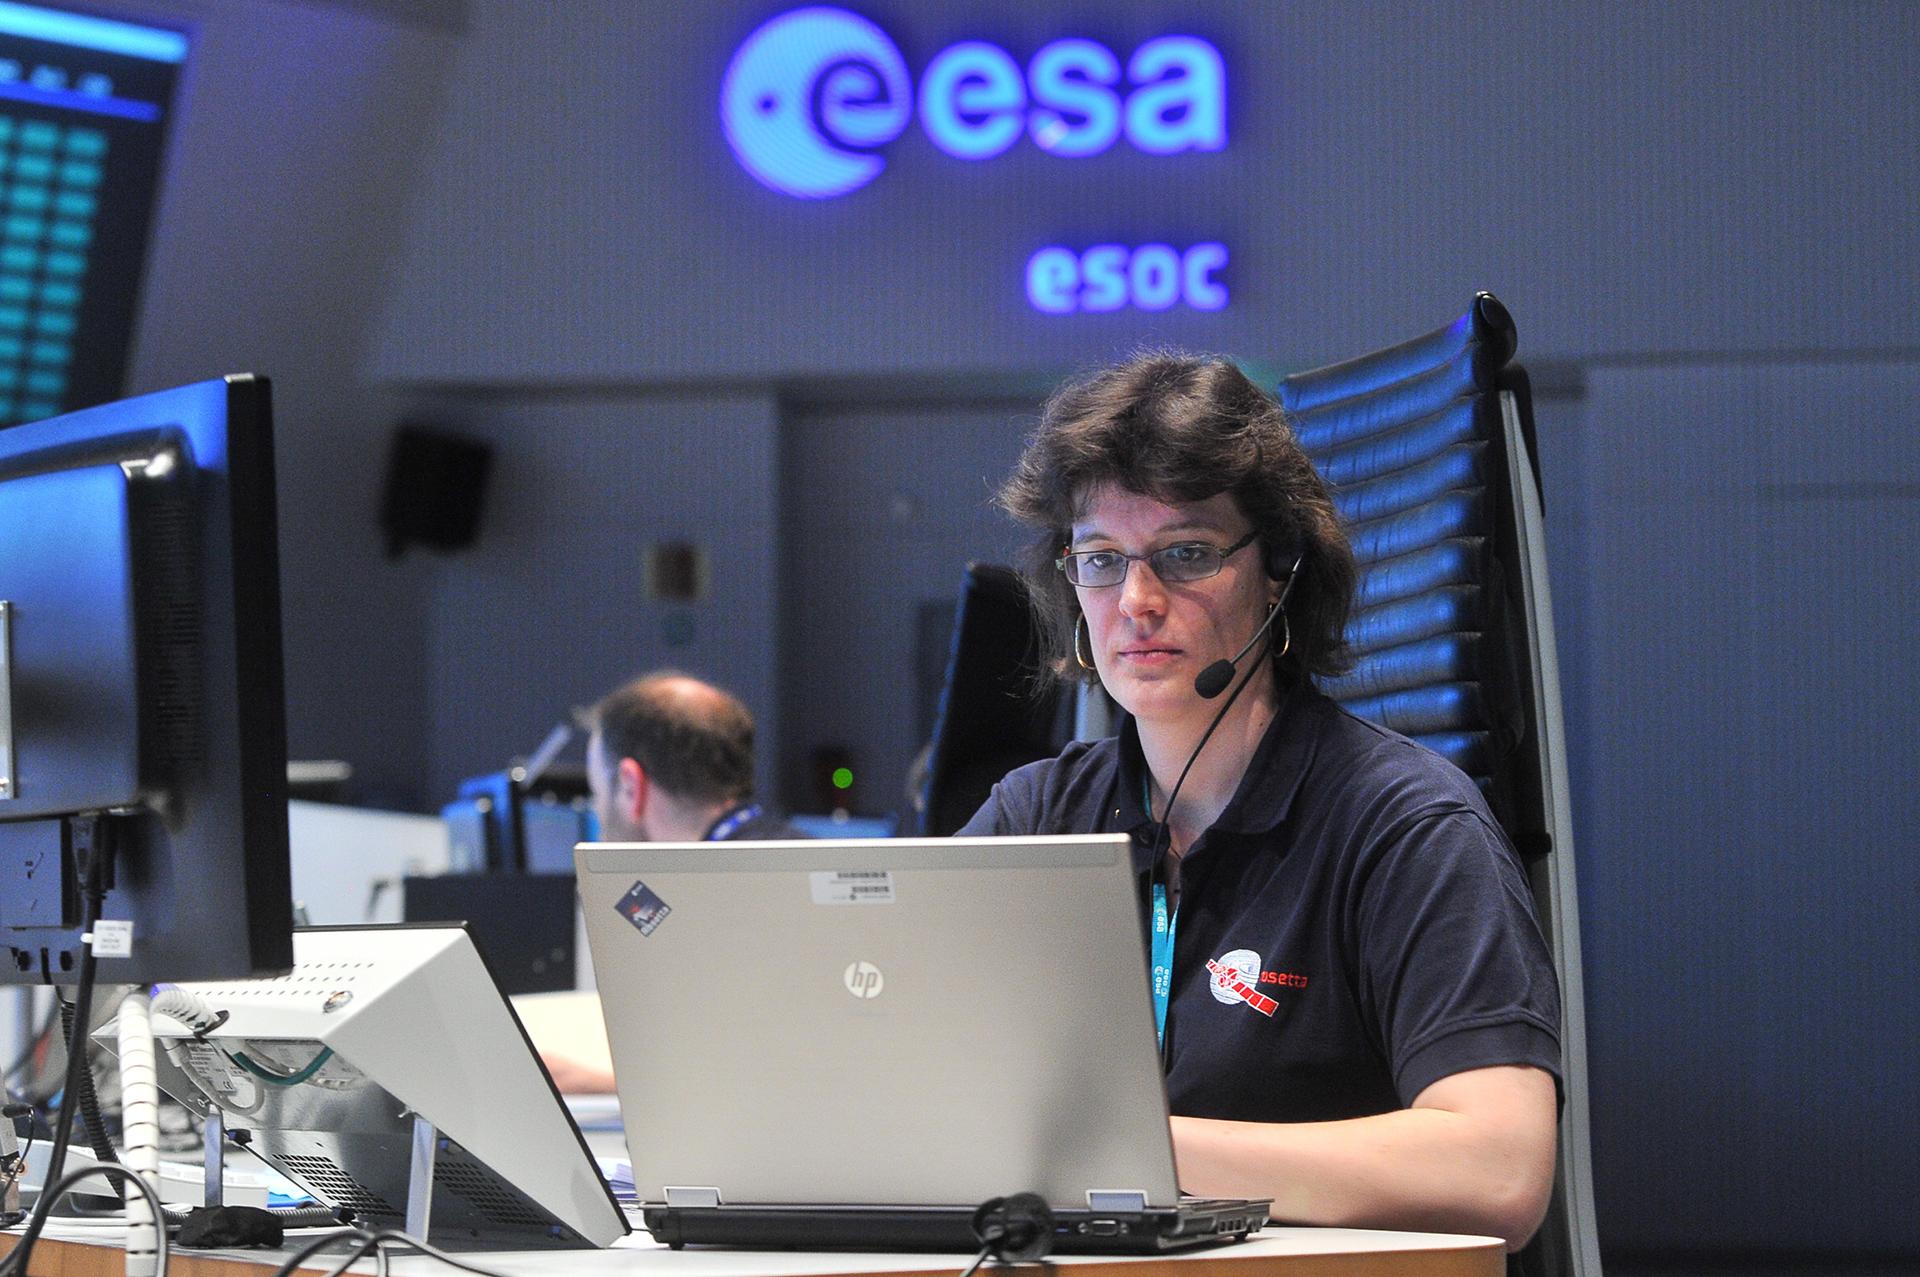 Space in Images - 2014 - 06 - ESOC Rosetta